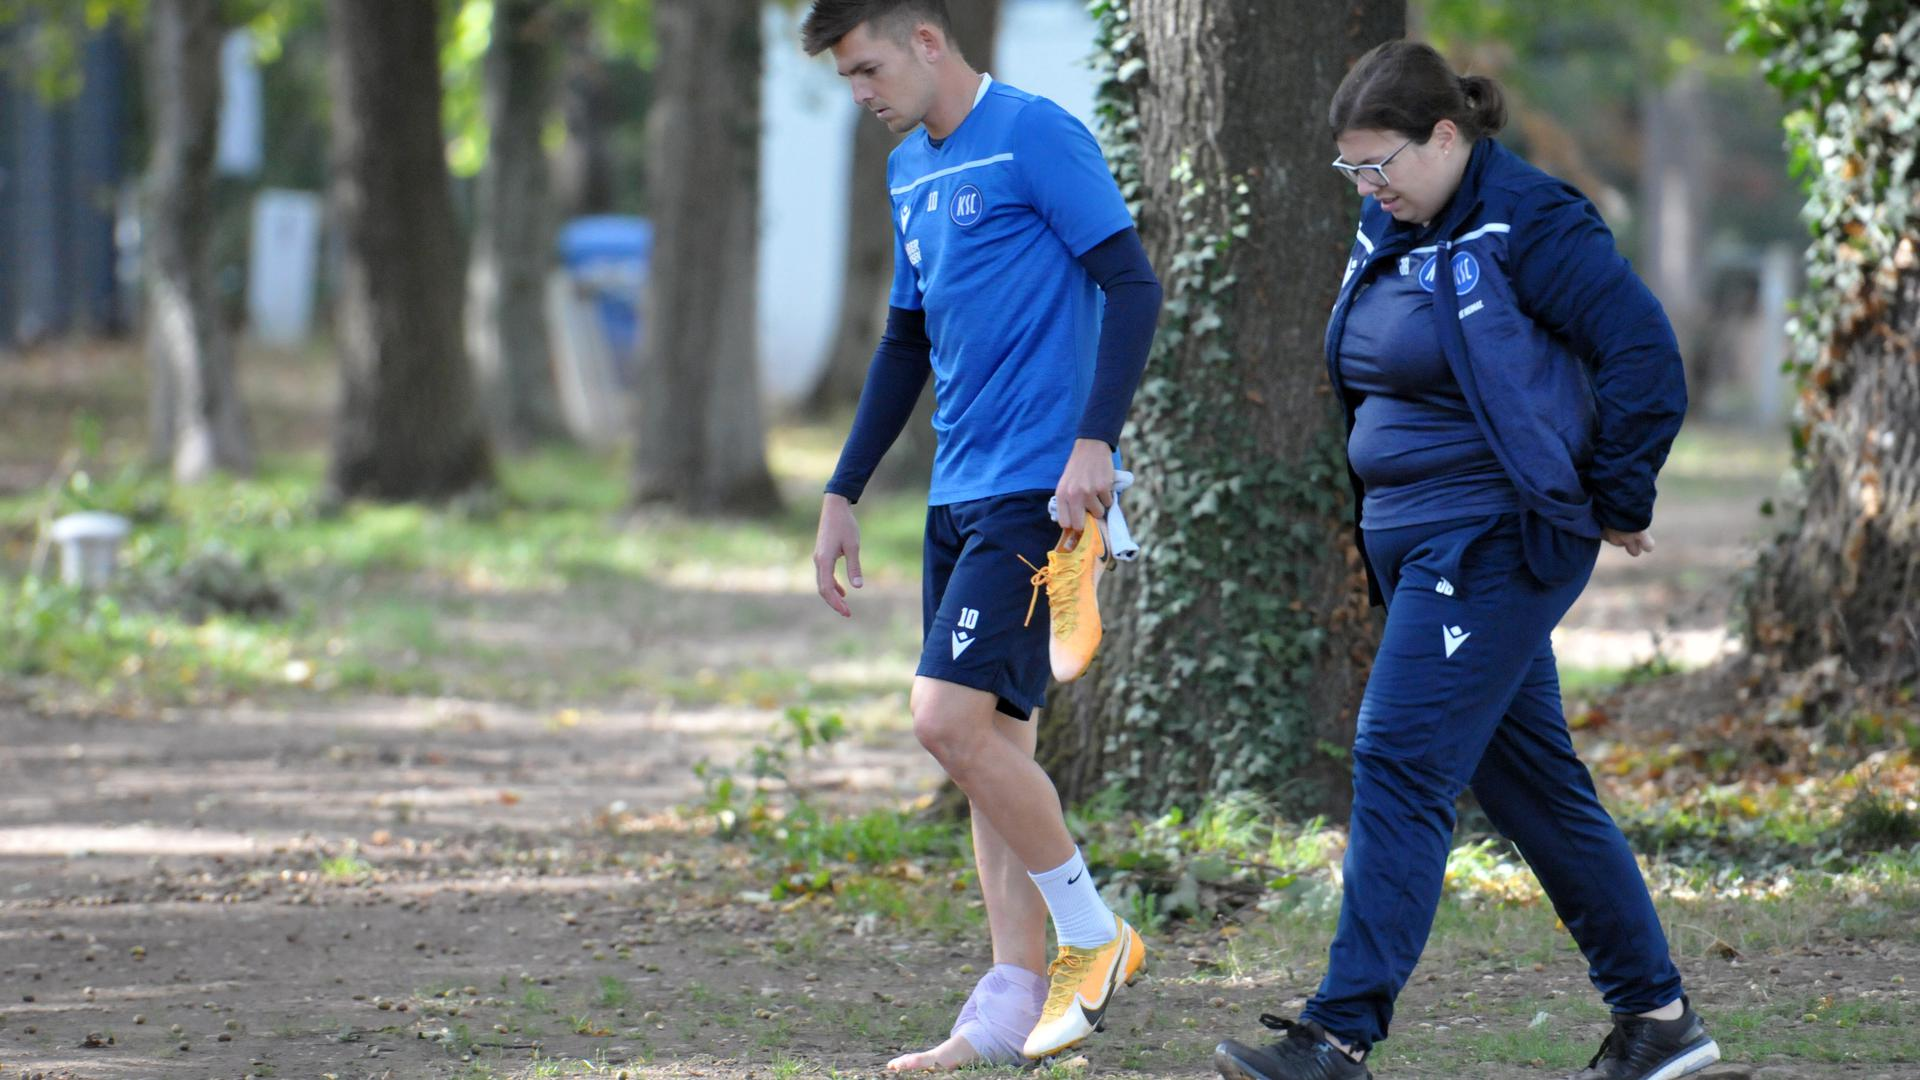 Schmerzhafter Feierabend: Marvin Wanitzek verlässt am Dienstagnachmittag den Trainingsplatz mit Physiotherapeutin Julia Born in Richtung Mannschaftsarzt.